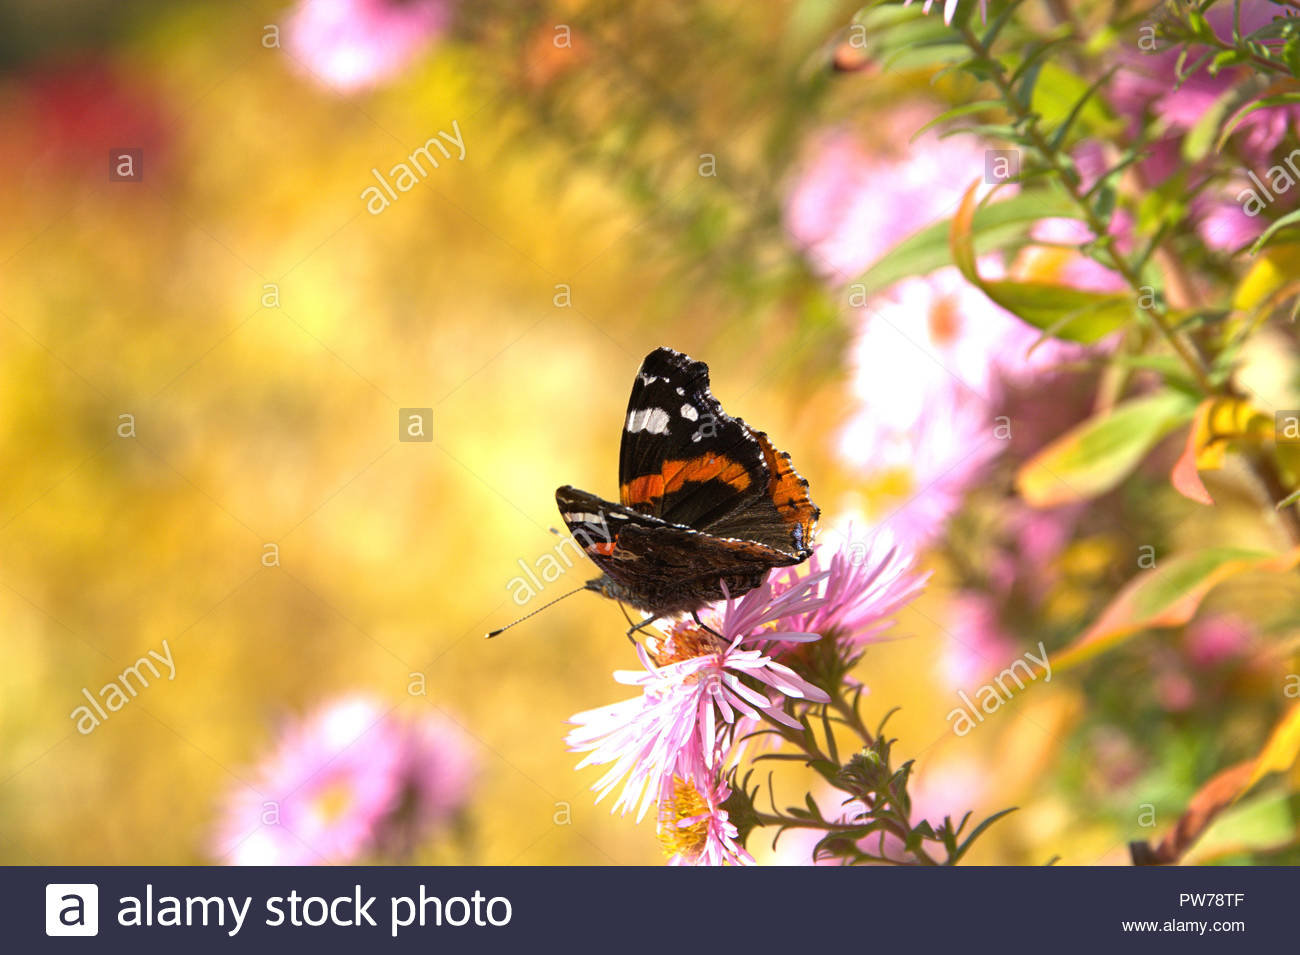 Ein Admiral (Vanessa atalanta, Syn.: Pyrameis atalanta), ein Schmetterling aus der Familie der Edelfalter (Nymphalidae) auf der Blüte einer Aster. - Stock Image